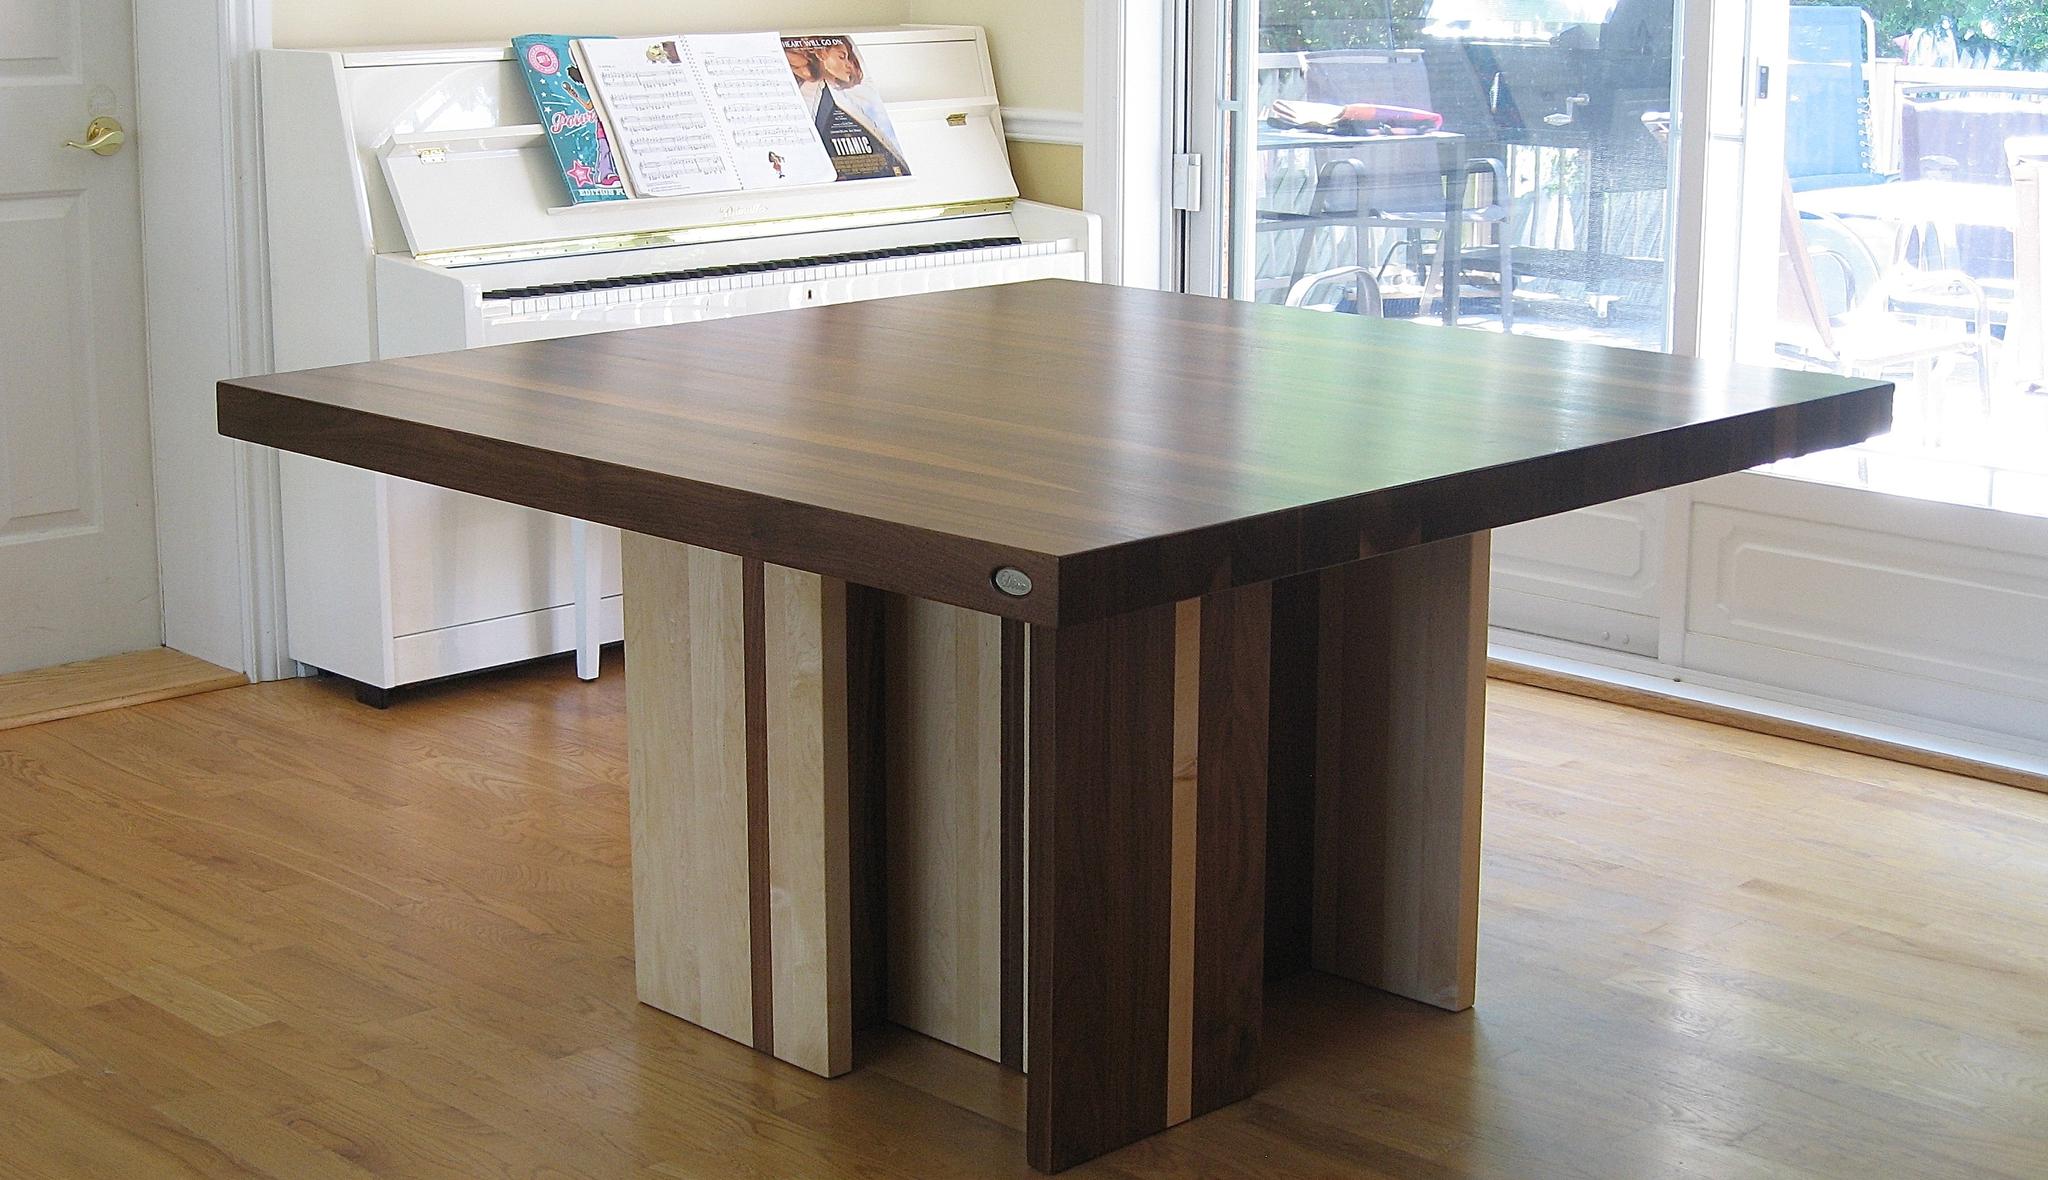 Table carré en bois composé